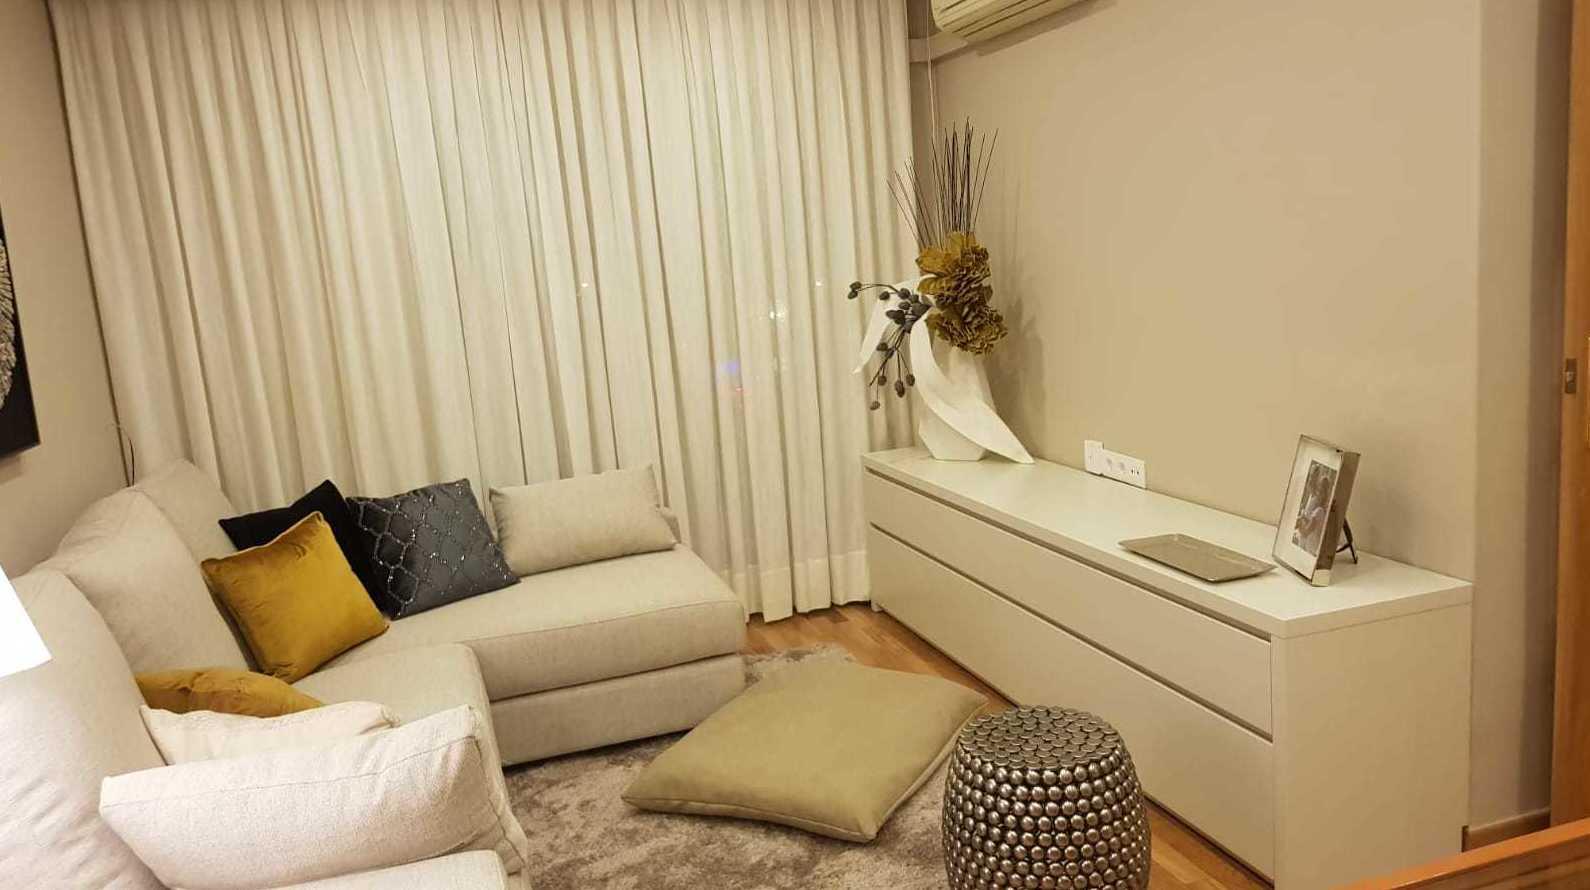 Foto 18 de Tienda de muebles en L'Hospitalet de Llobregat | Chousa